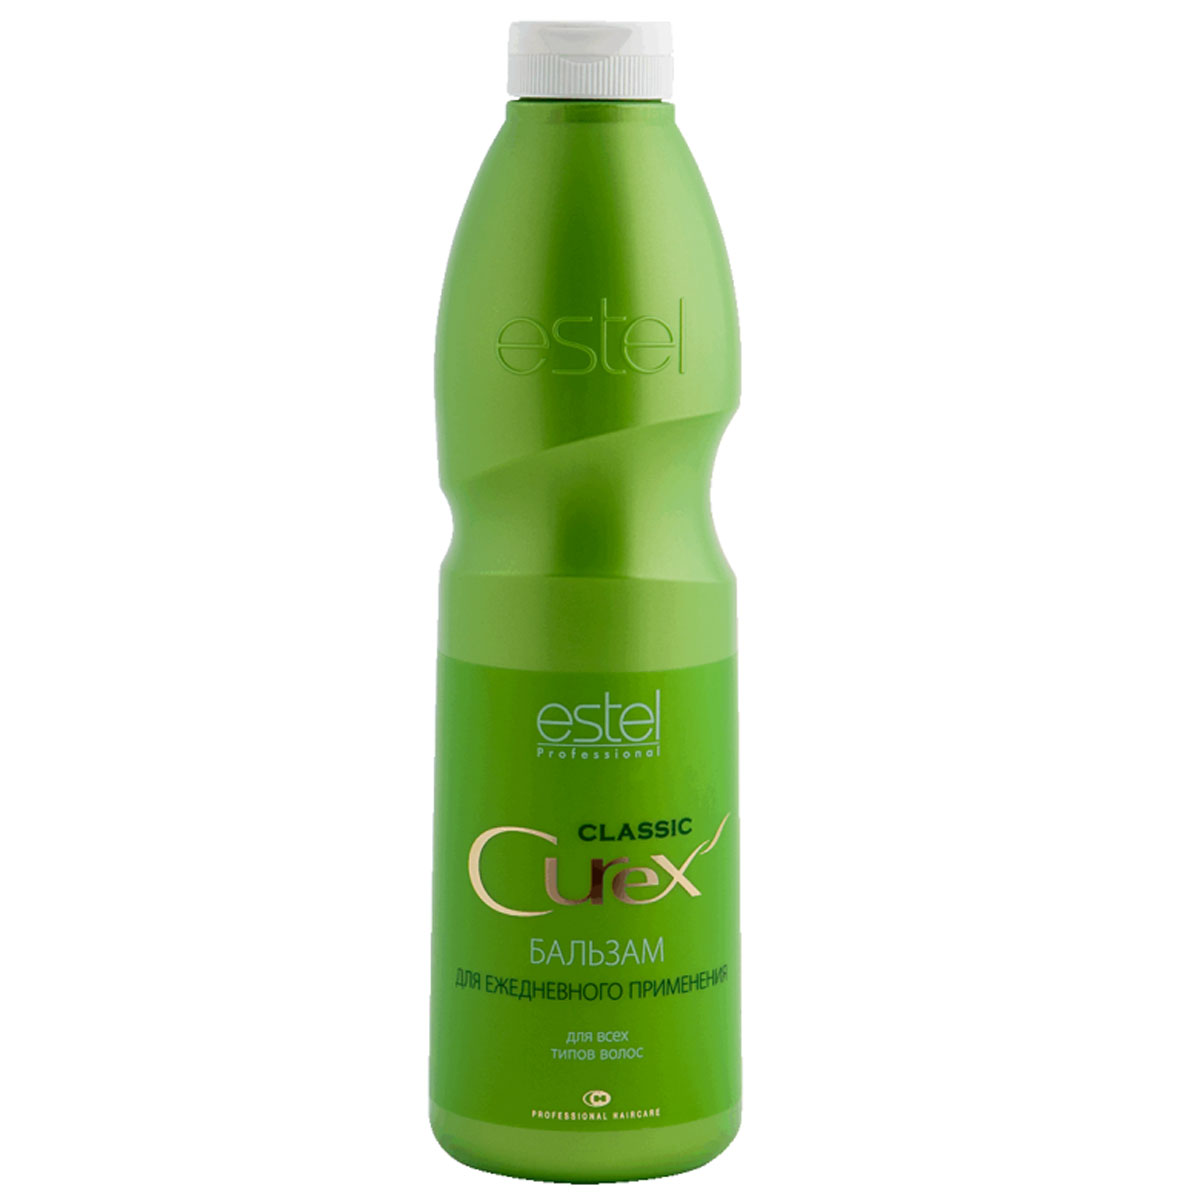 Estel Curex Classiс Бальзам Увлажнение и Питание для ежедневного применения 1000 мл5411Estel Curex Classic Бальзам «Увлажнение и Питание» обеспечивает интенсивное увлажнение и уход за волосами. Пантенол, витамин Е и масло авокадо питают и восстанавливают структуру волос, делают их мягкими, шелковистыми и блестящими.Хорошо кондиционирует волосы.Результат: легкость расчесывания, мягкость, шелковистость и блеск волос.Уважаемые клиенты!Обращаем ваше внимание на возможные изменения в дизайне упаковки. Качественные характеристики товара остаются неизменными. Поставка осуществляется в зависимости от наличия на складе.